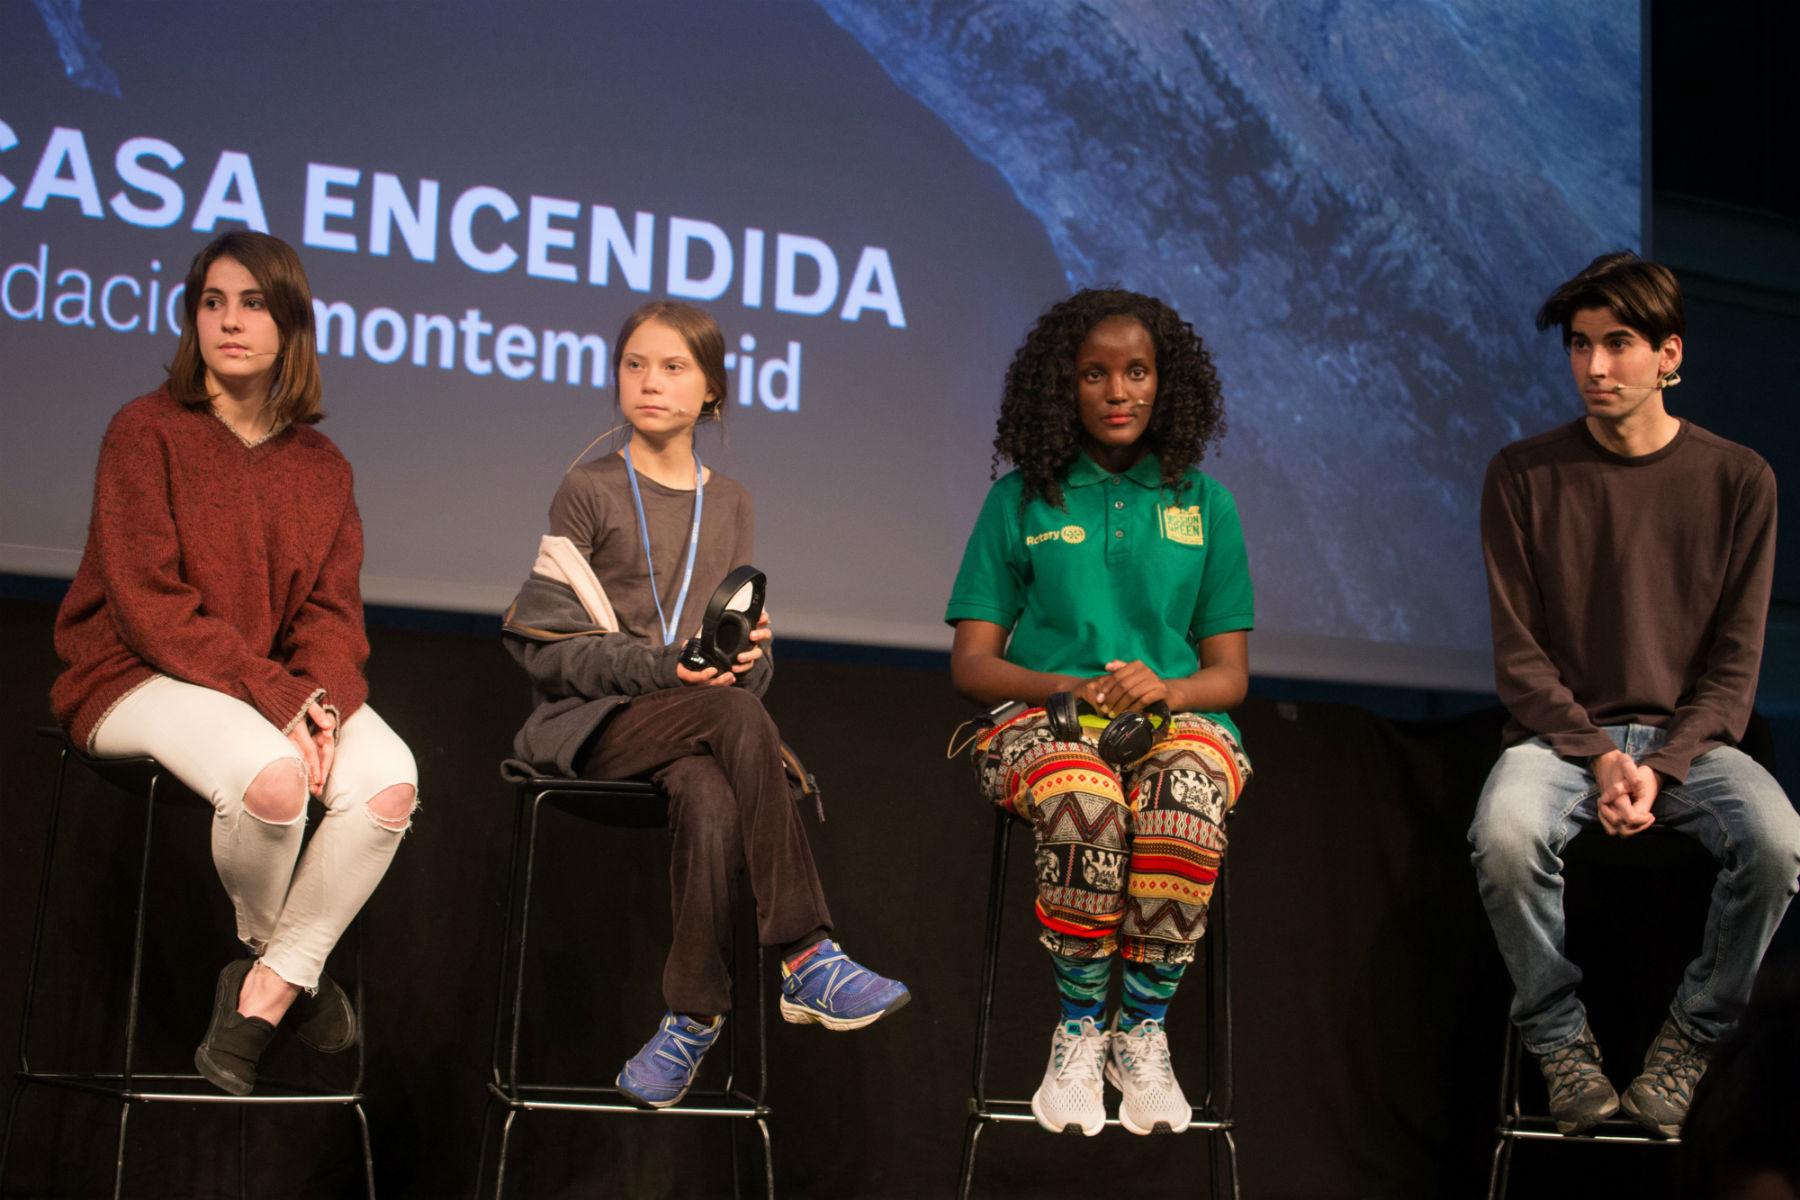 Aktywistka klimatyczna zUgandy została wycięta zezdjęcia przezagencję prasową. Greta Thunberg komentuje